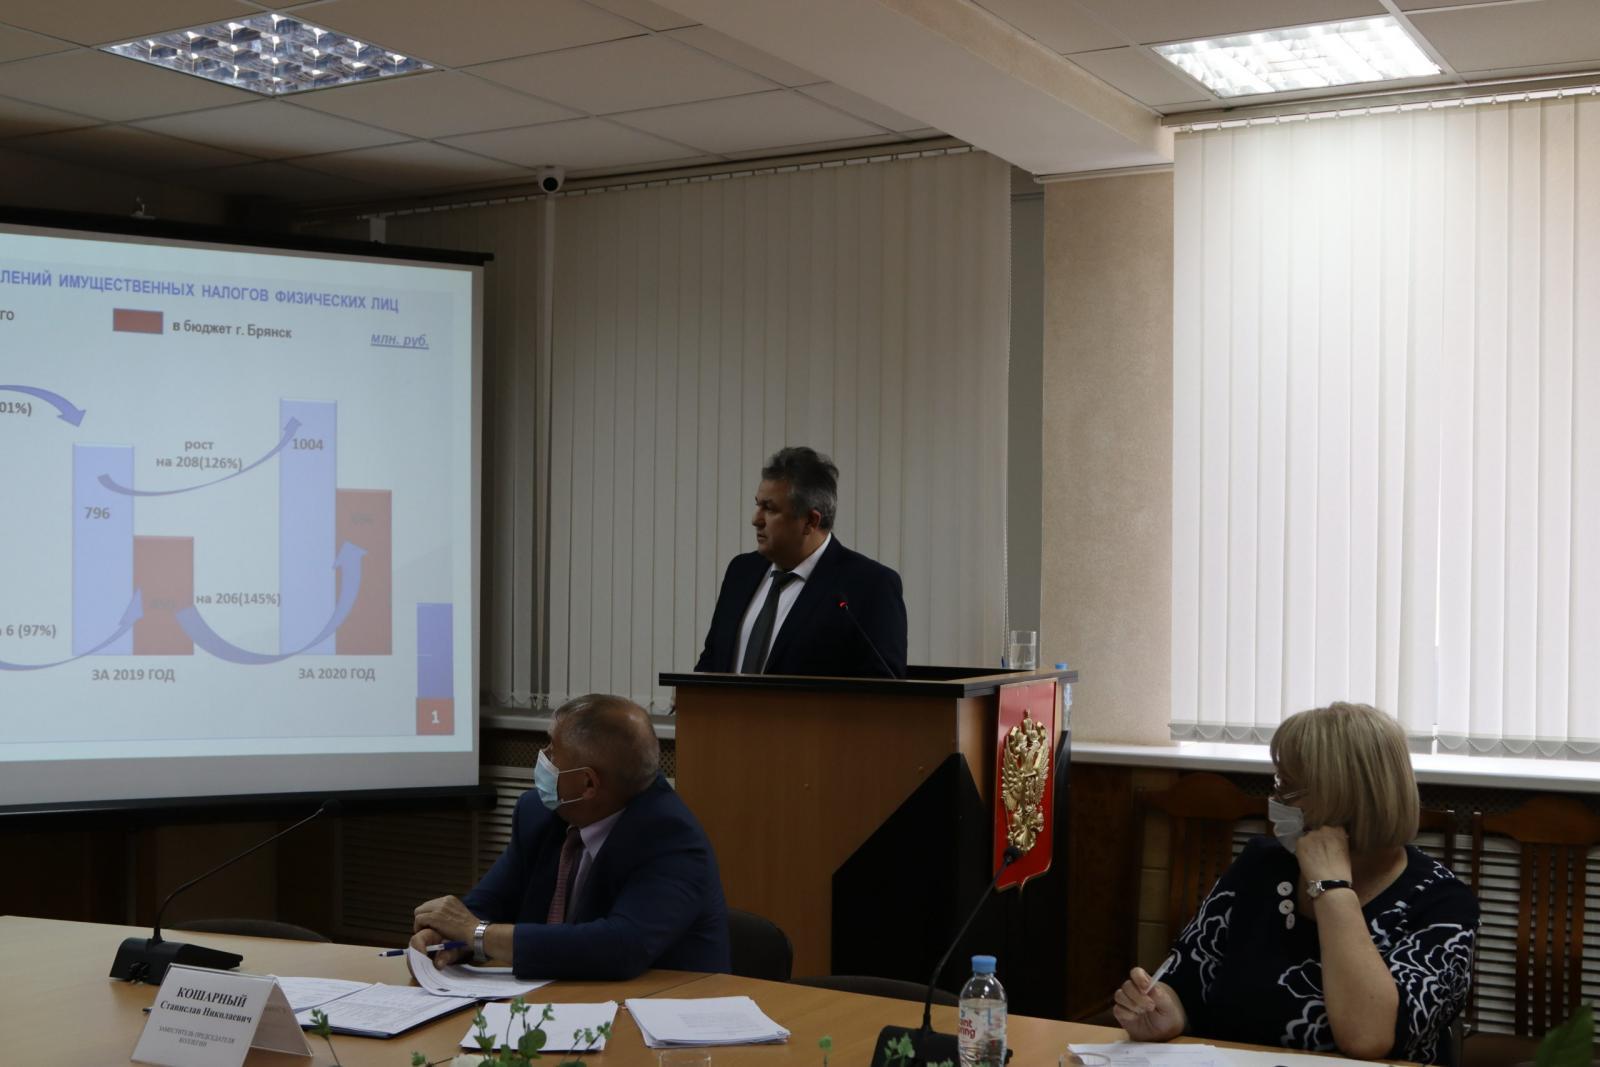 В Брянске за 7 месяцев поступило 13,5 млрд рублей налоговых отчислений